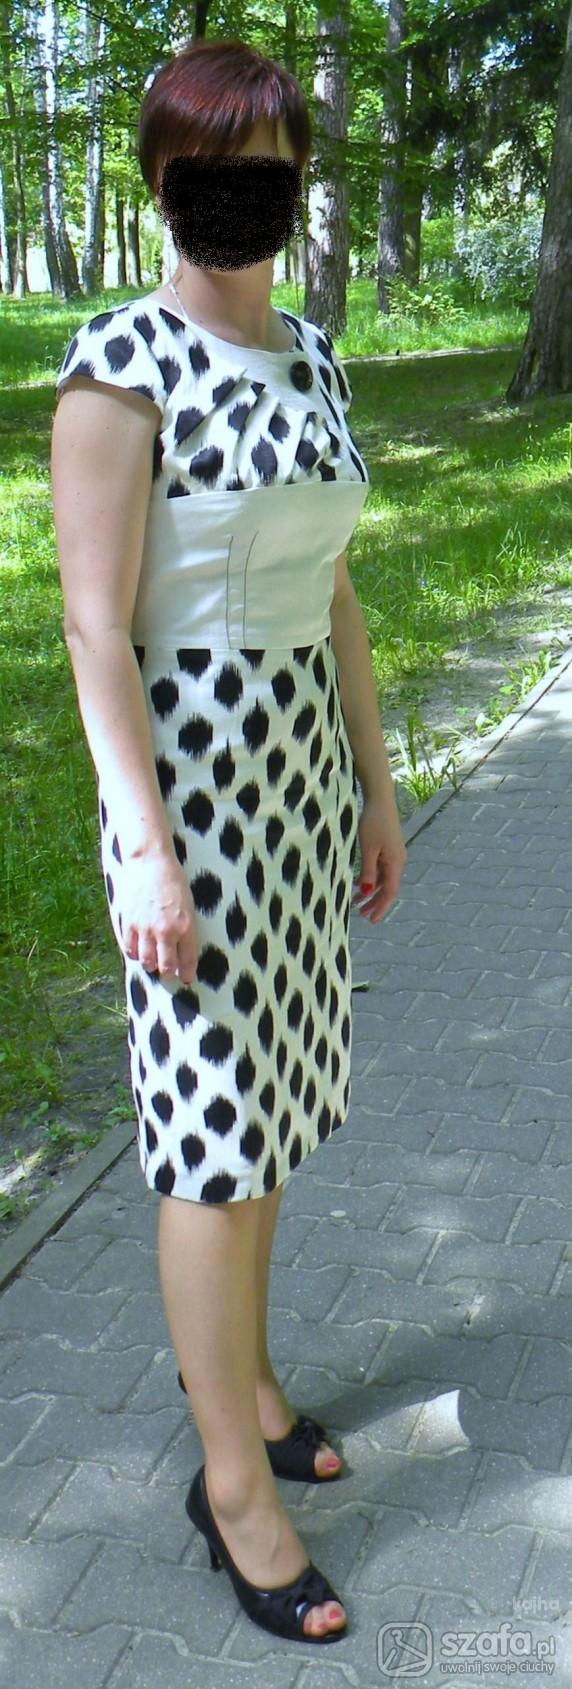 Imprezowe sukienka i buty